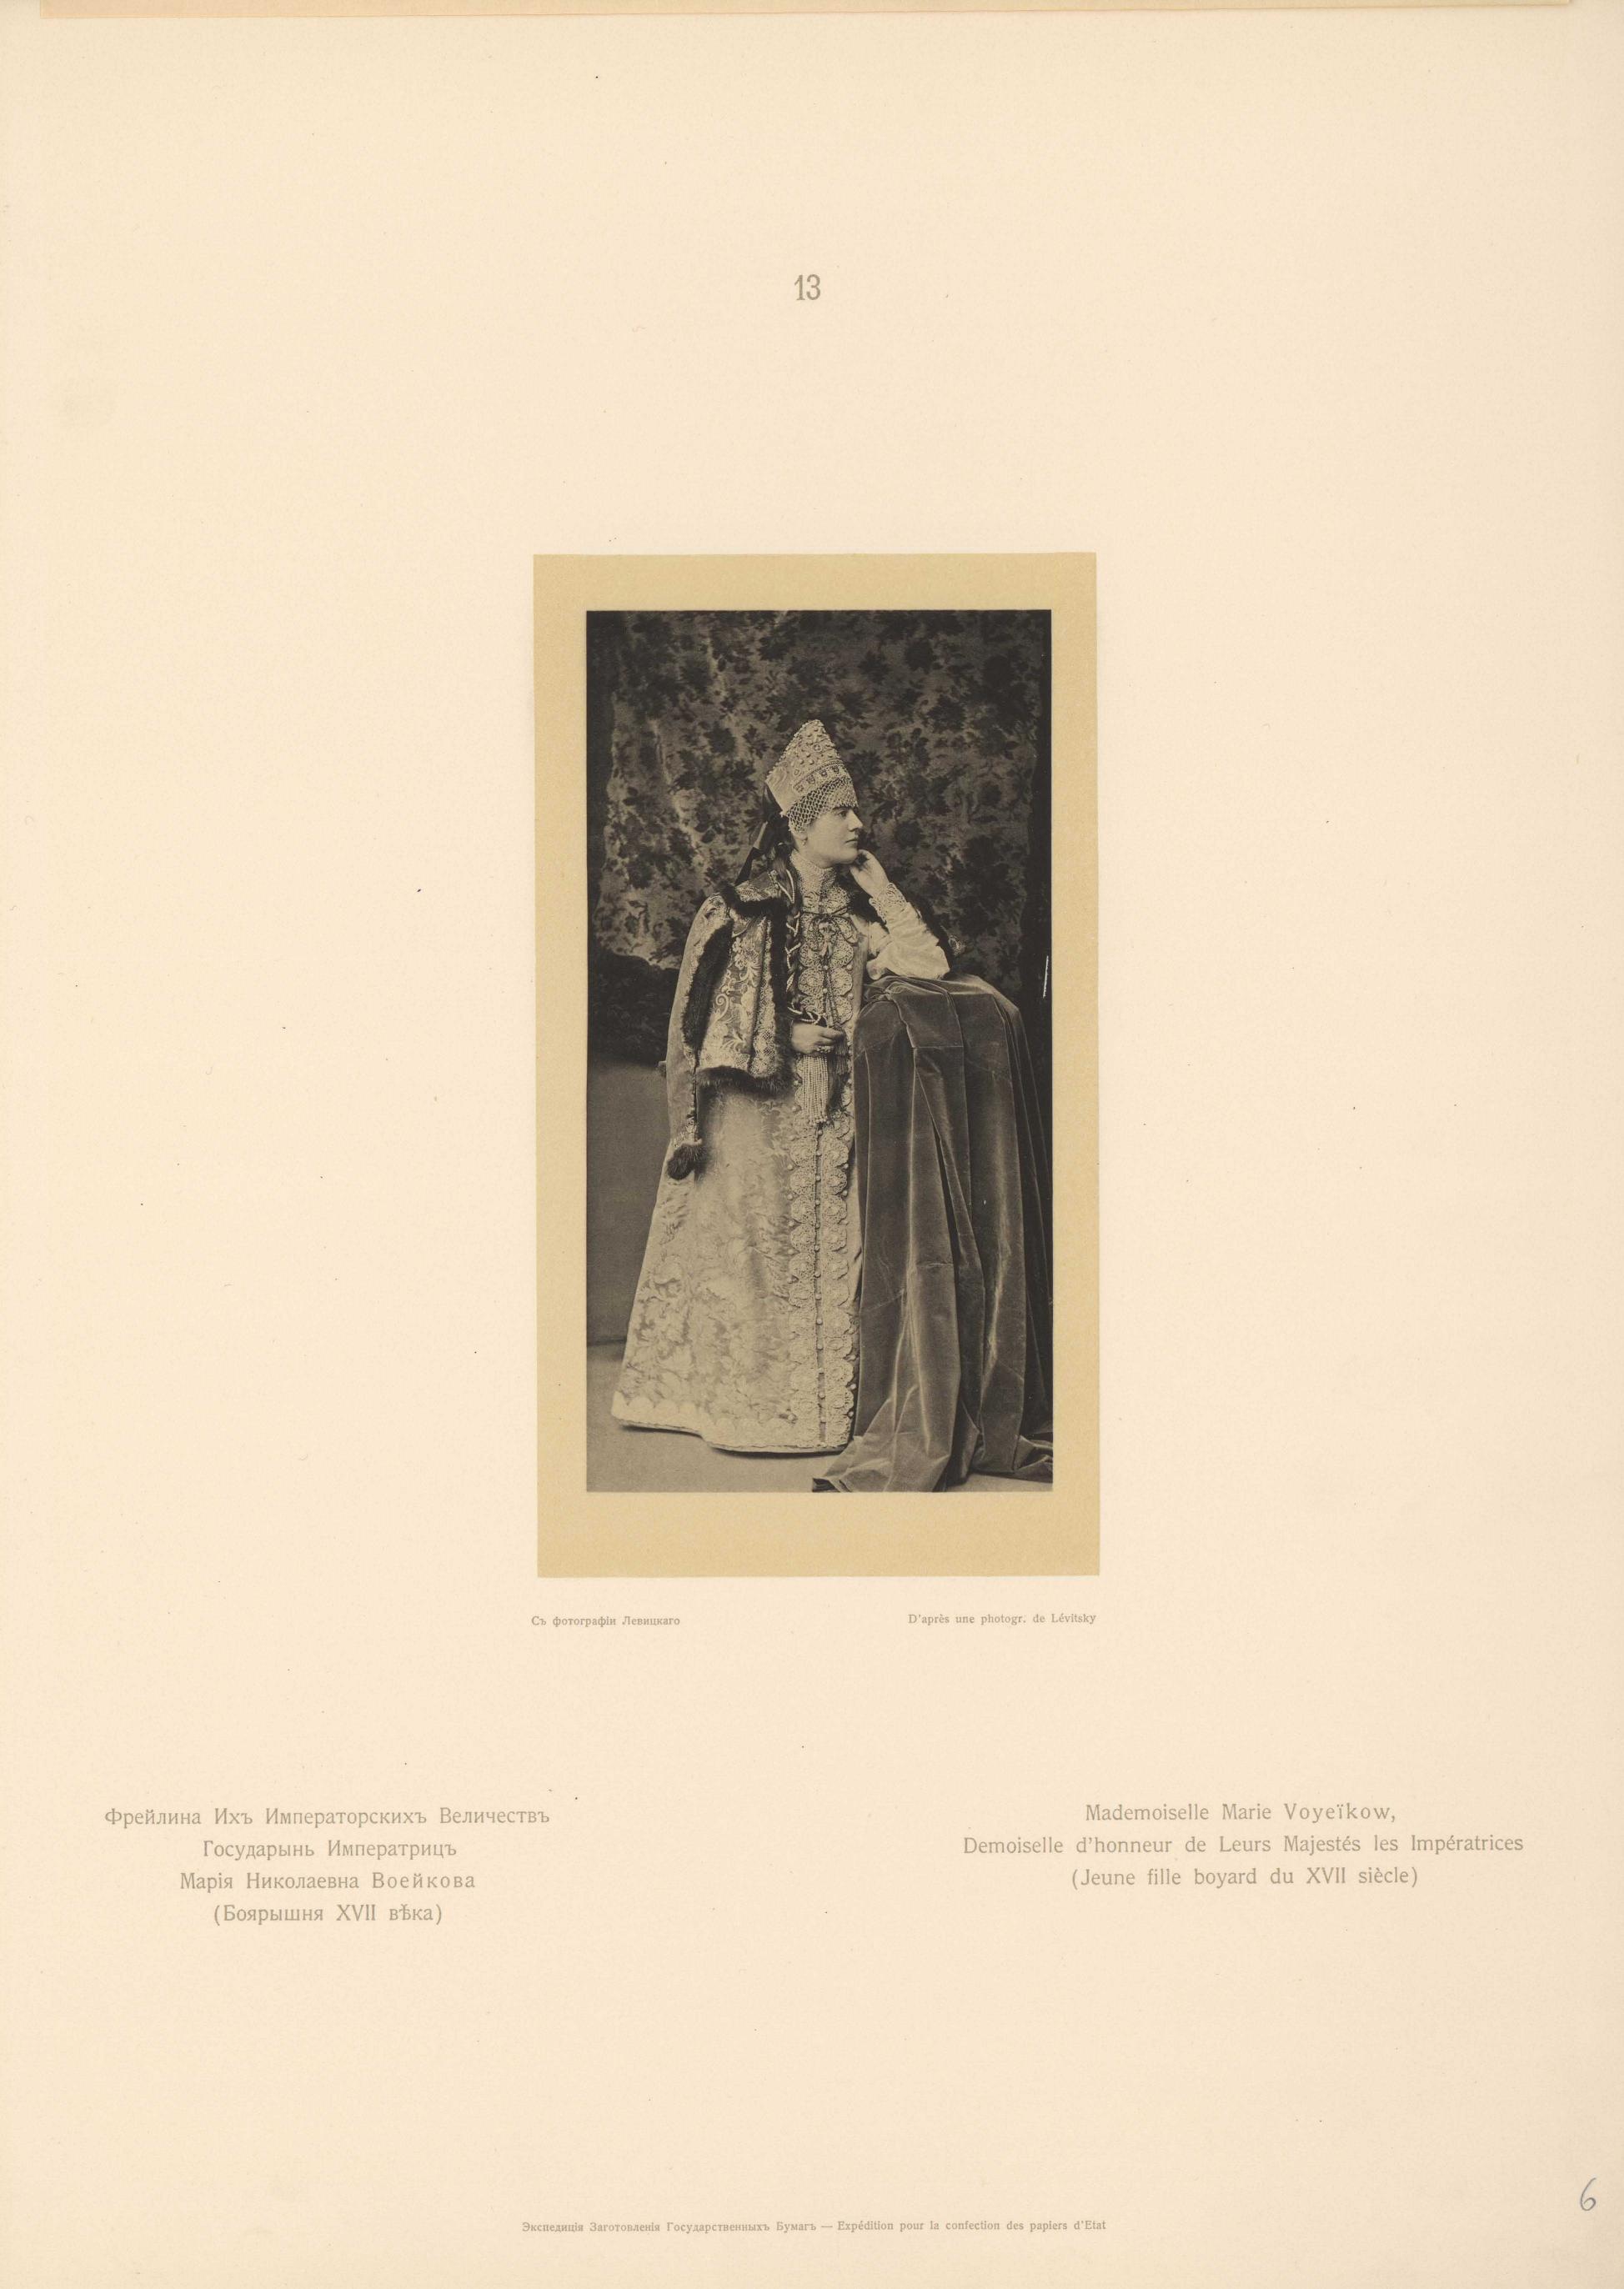 Фрейлина Их Императорских Величеств Государынь Императриц Мария Николаевна Воейкова